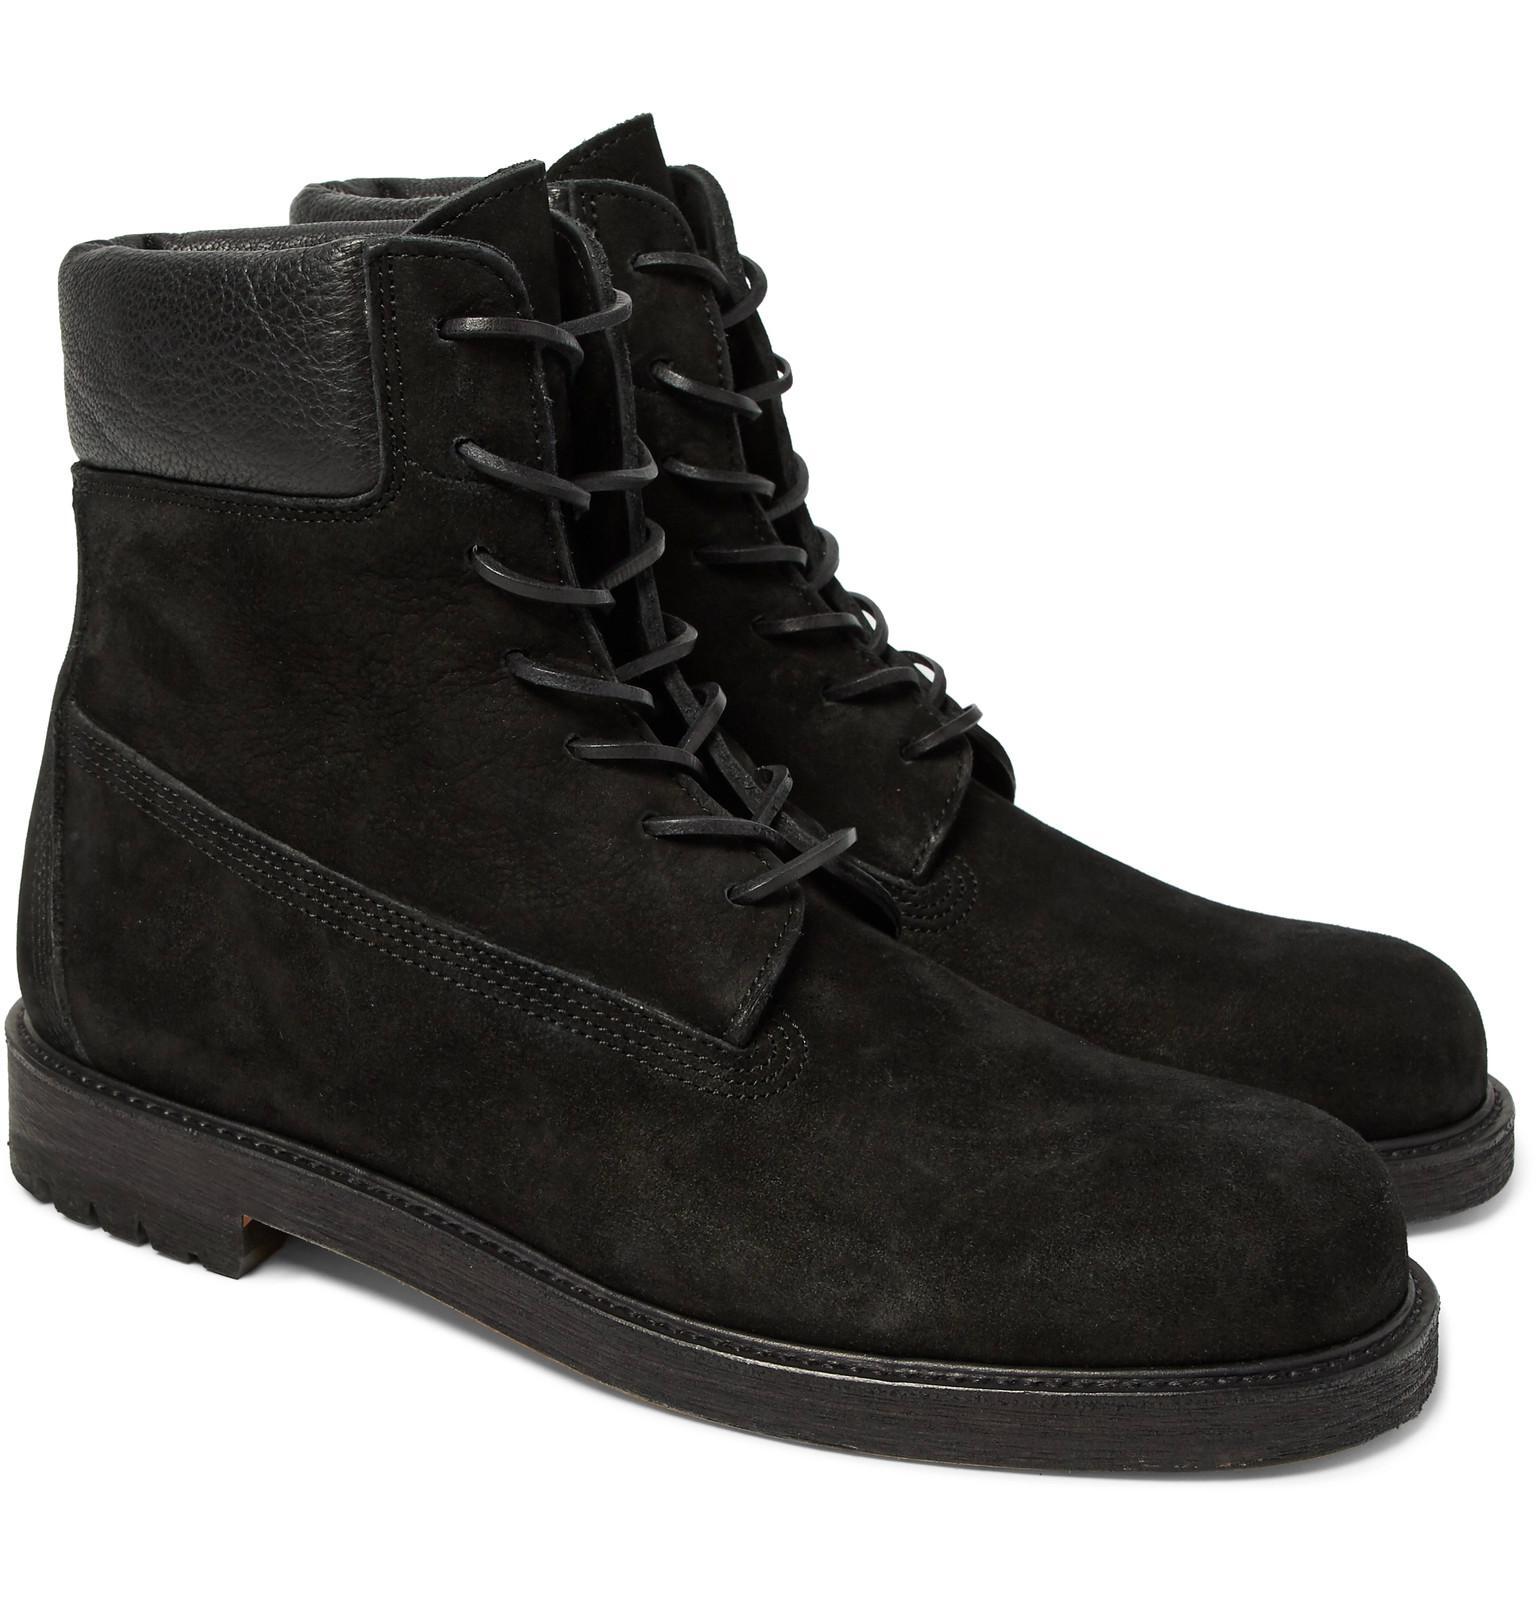 Vente Meilleur Endroit HENDER SCHEME Mip-14 Leather-trimmed Suede Boots - Black Vente Pas Cher Grande Vente Grosses Soldes Prix Incroyable Vente En Ligne Collections De Dédouanement iweGrw7vg